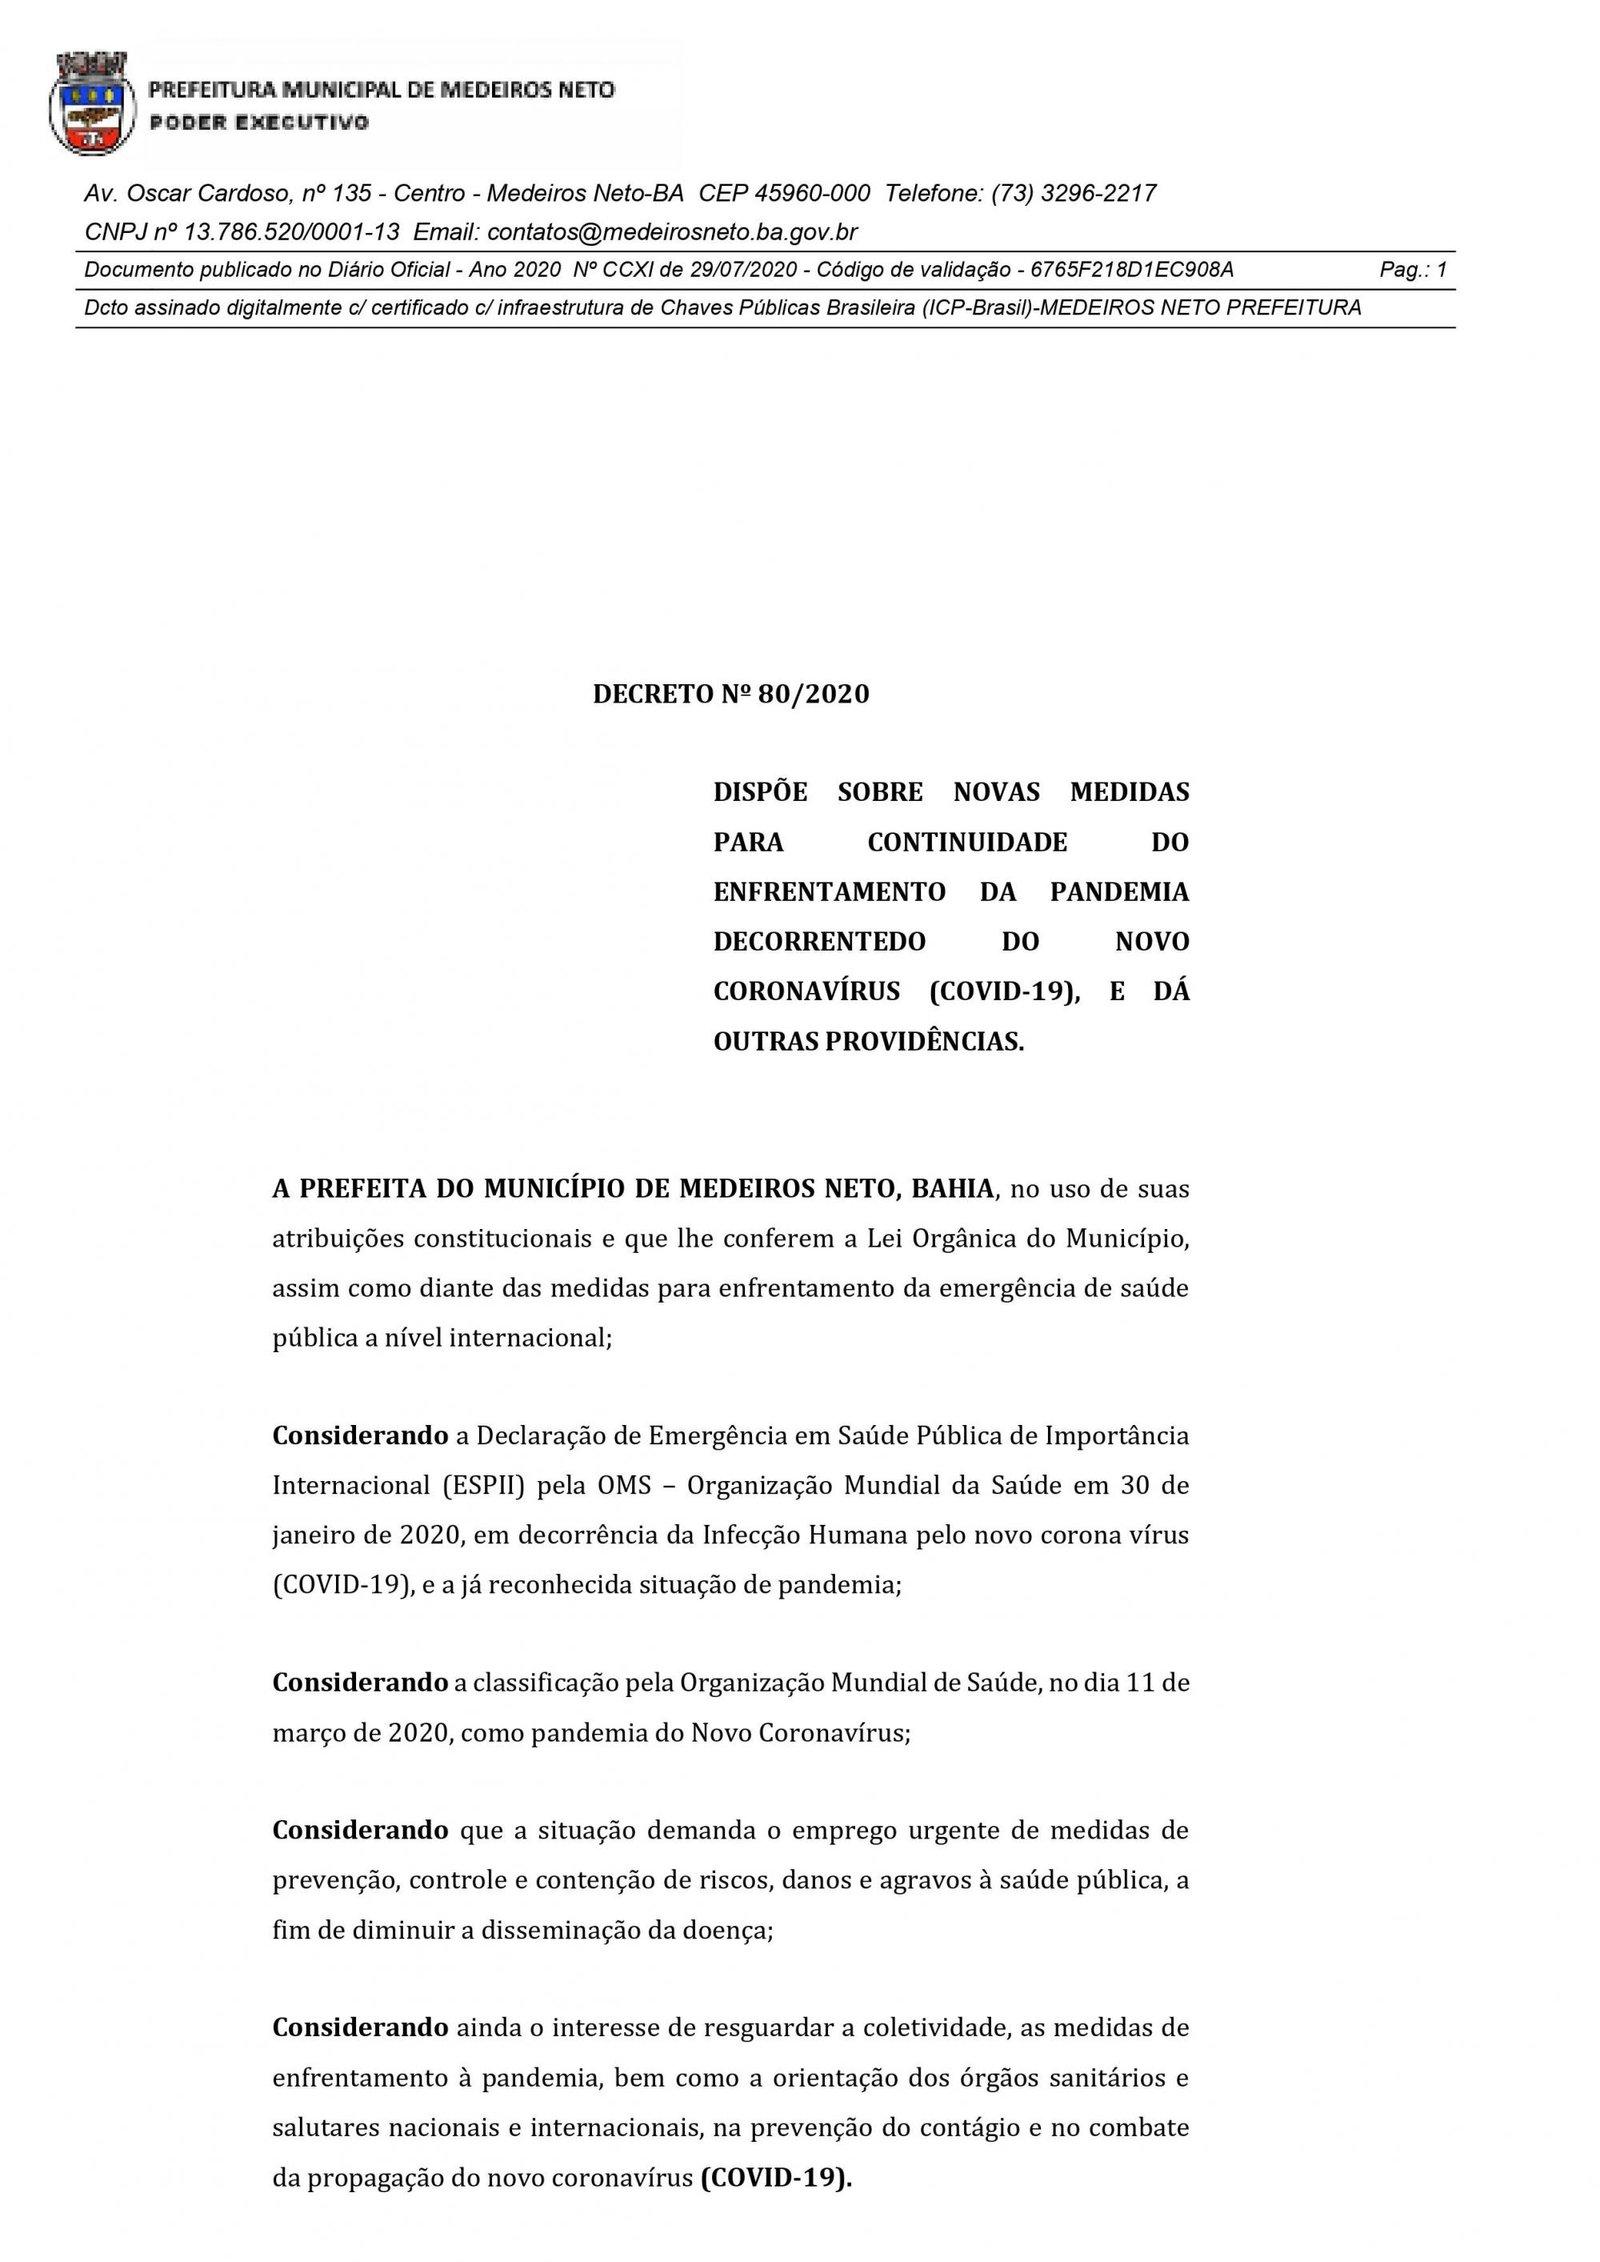 Novo Decreto traz novas medidas e suspende toque de recolher